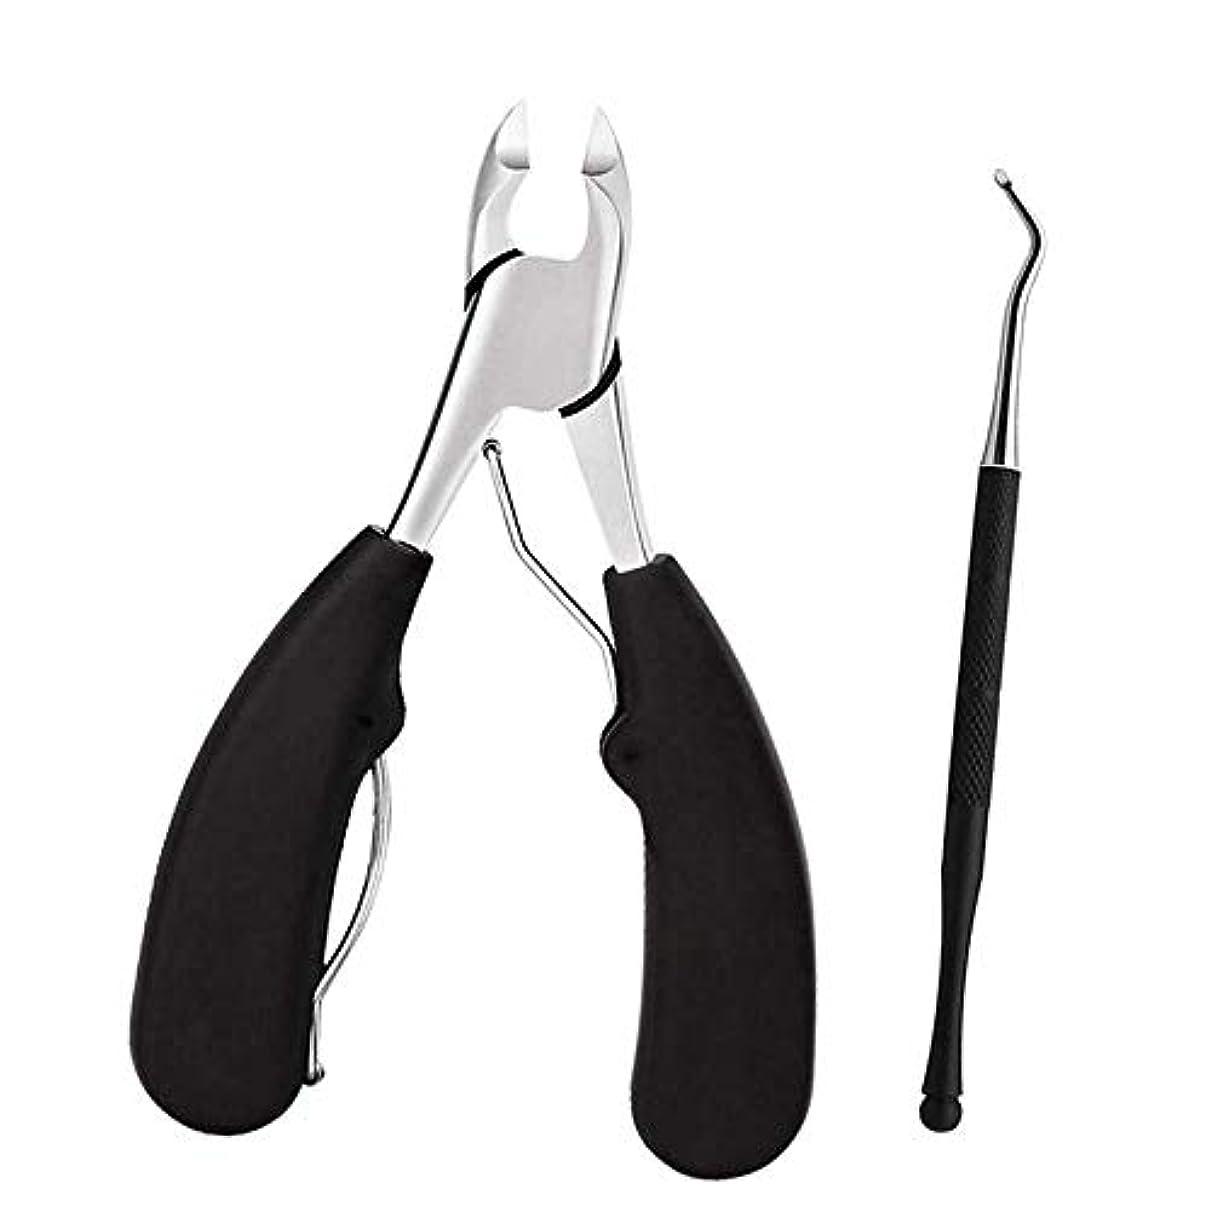 委任する基礎政権ALSKY 爪切り,収納ボックス付き, 陥入爪用の、厚い爪、巻き爪、変形爪、爪周囲炎、陥入爪、爪白癬に- 医療用ステンレス製爪きり